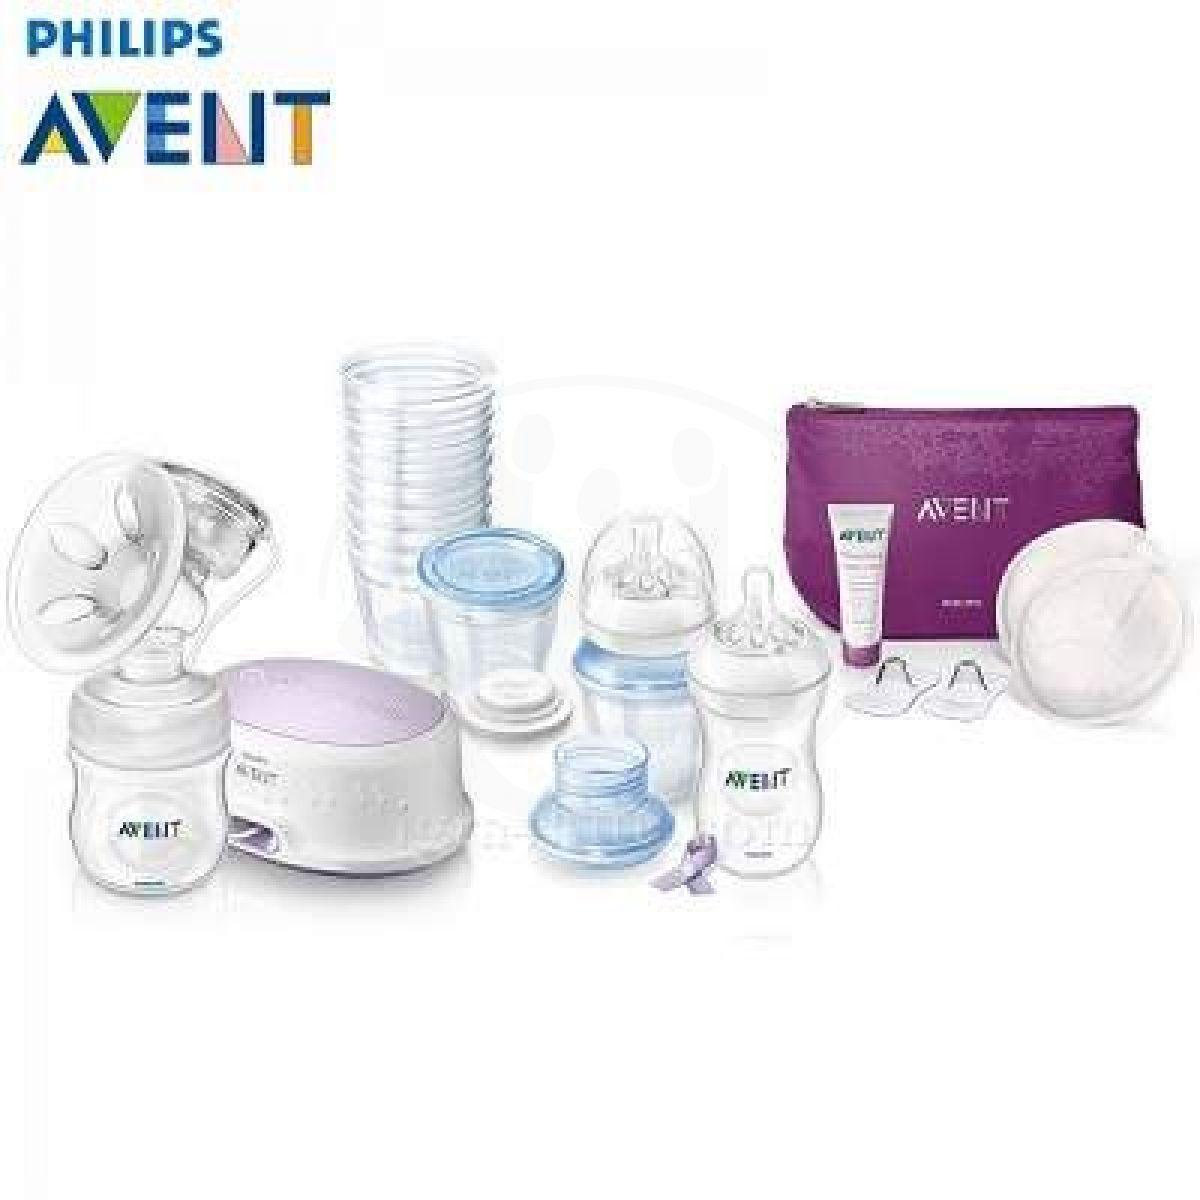 Philips Avent odsávačka Natural elektronická a taštička